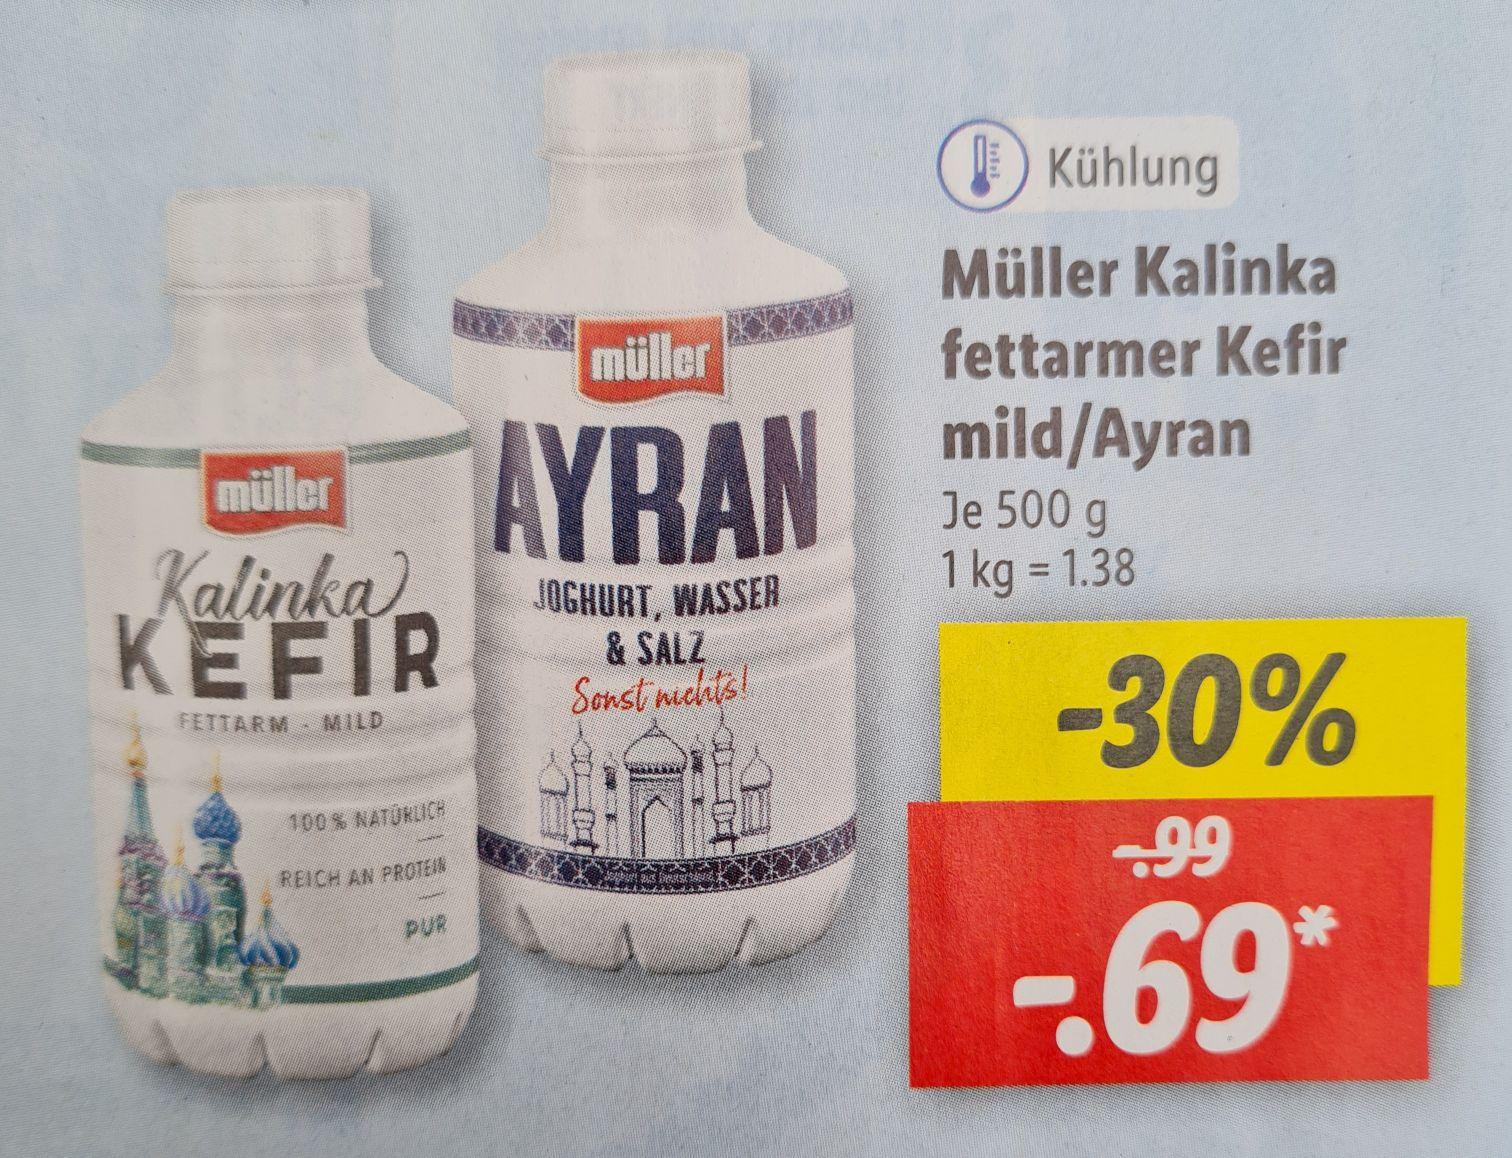 Müller Ayran und Kefir Kalinka fettarm mild je 500 g ab 08.07 Lidl